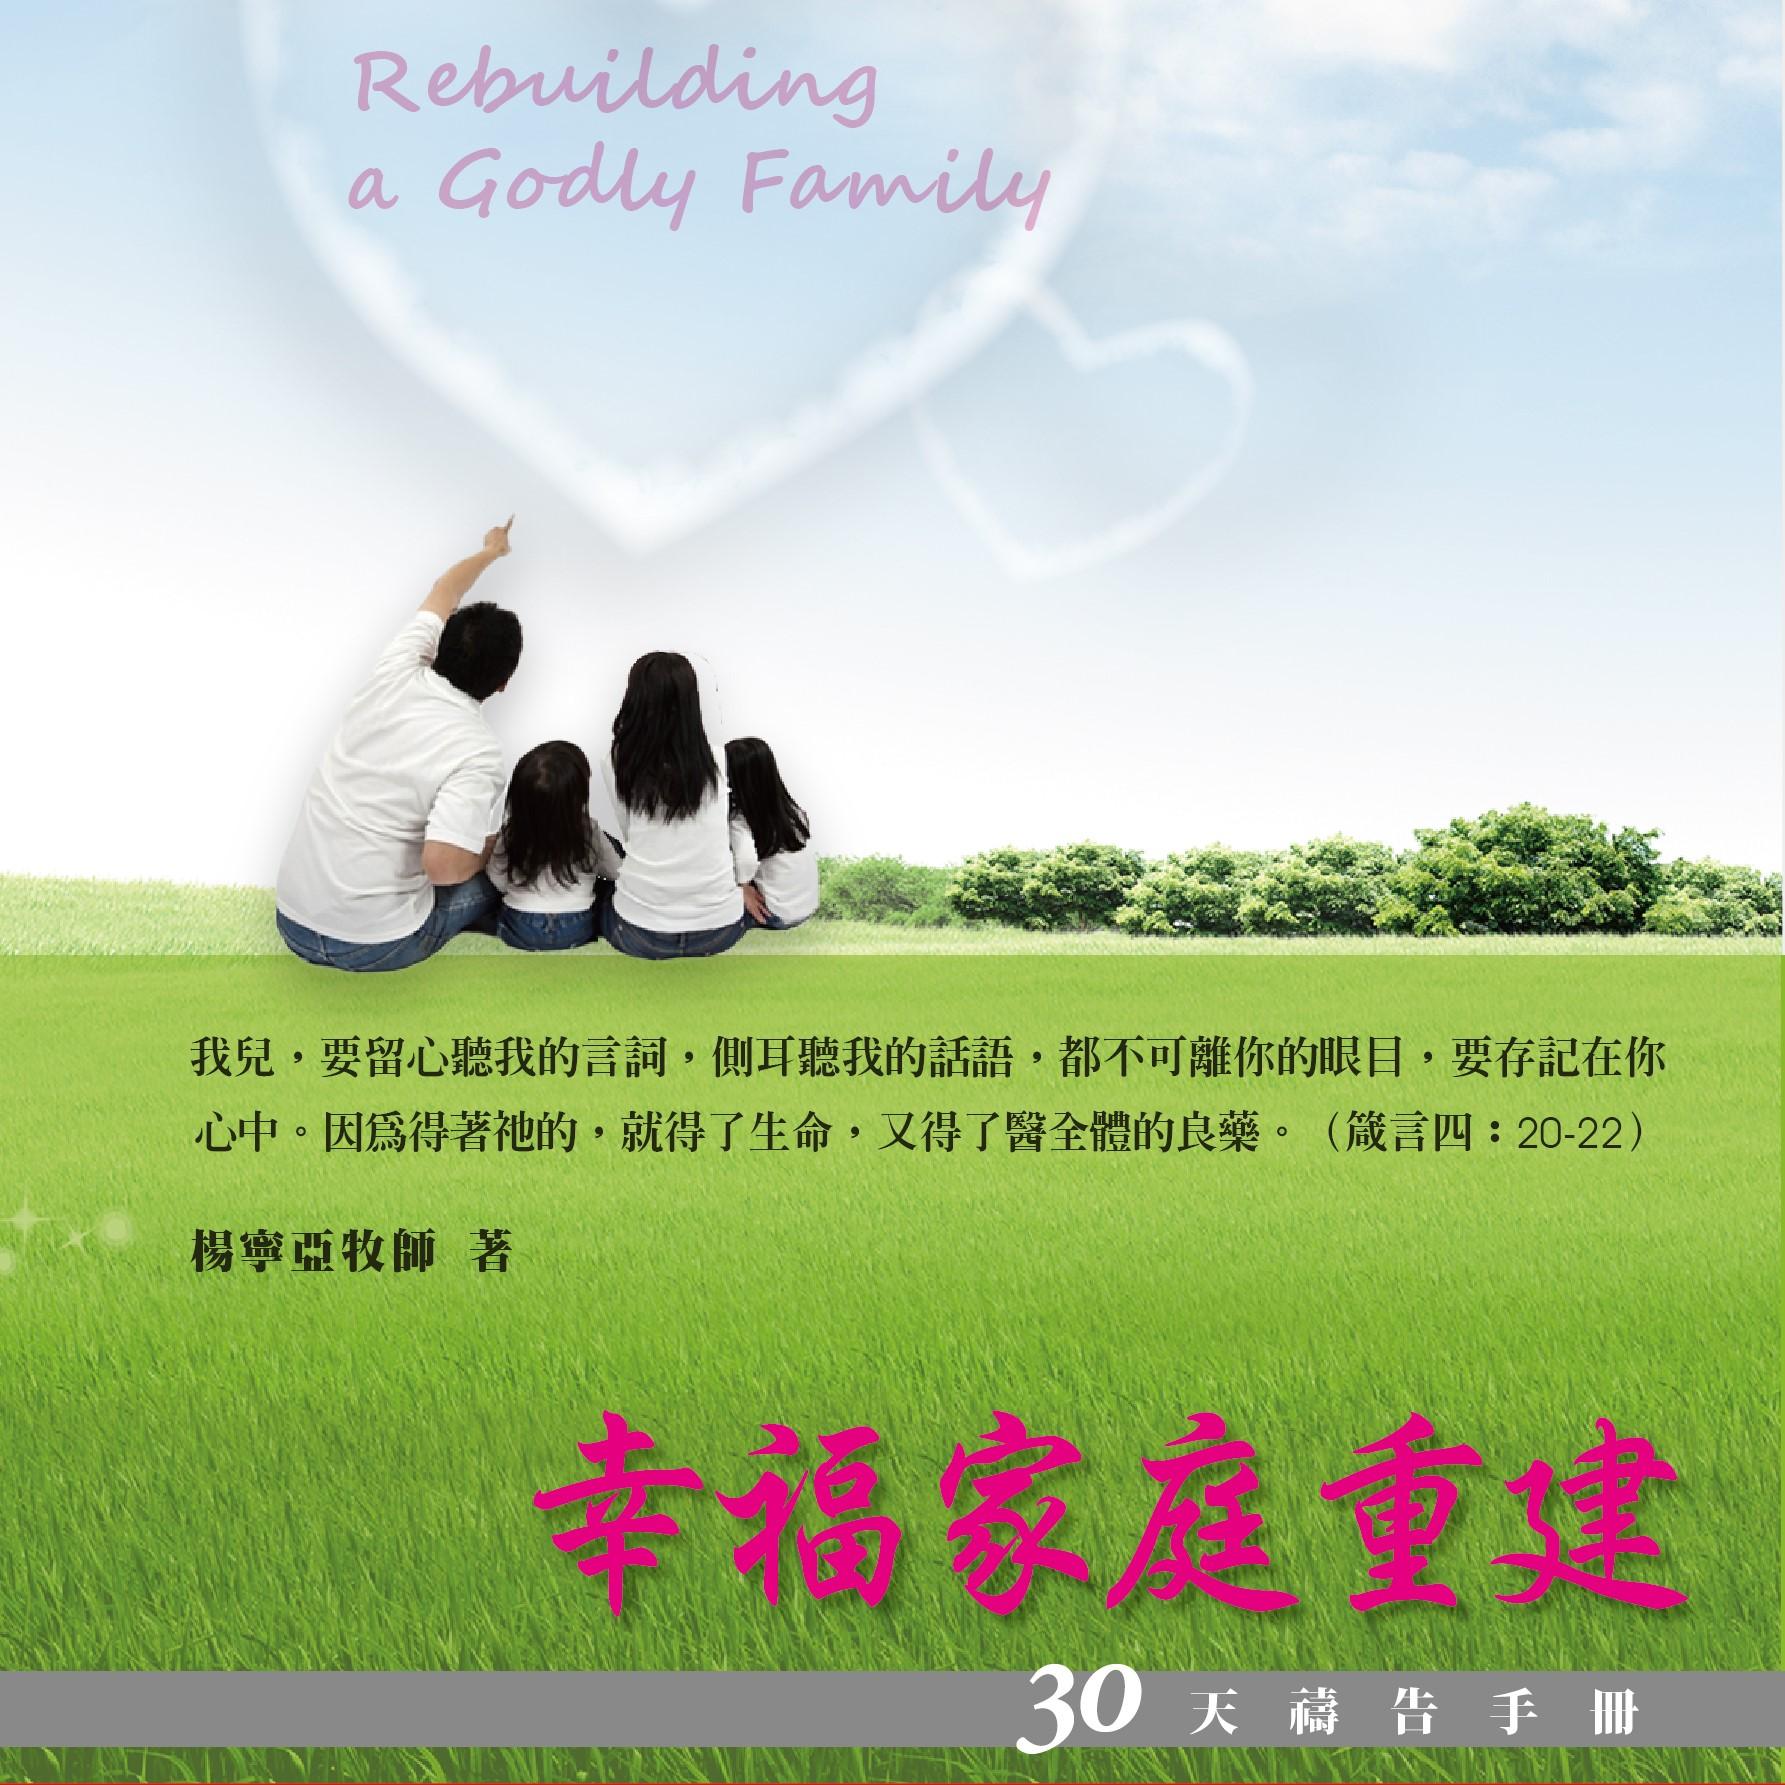 3.幸福家庭重建-第1天-3.Rebuilding a Godly Family-Day1 幸福家庭的核心信念:真愛盟約(一)